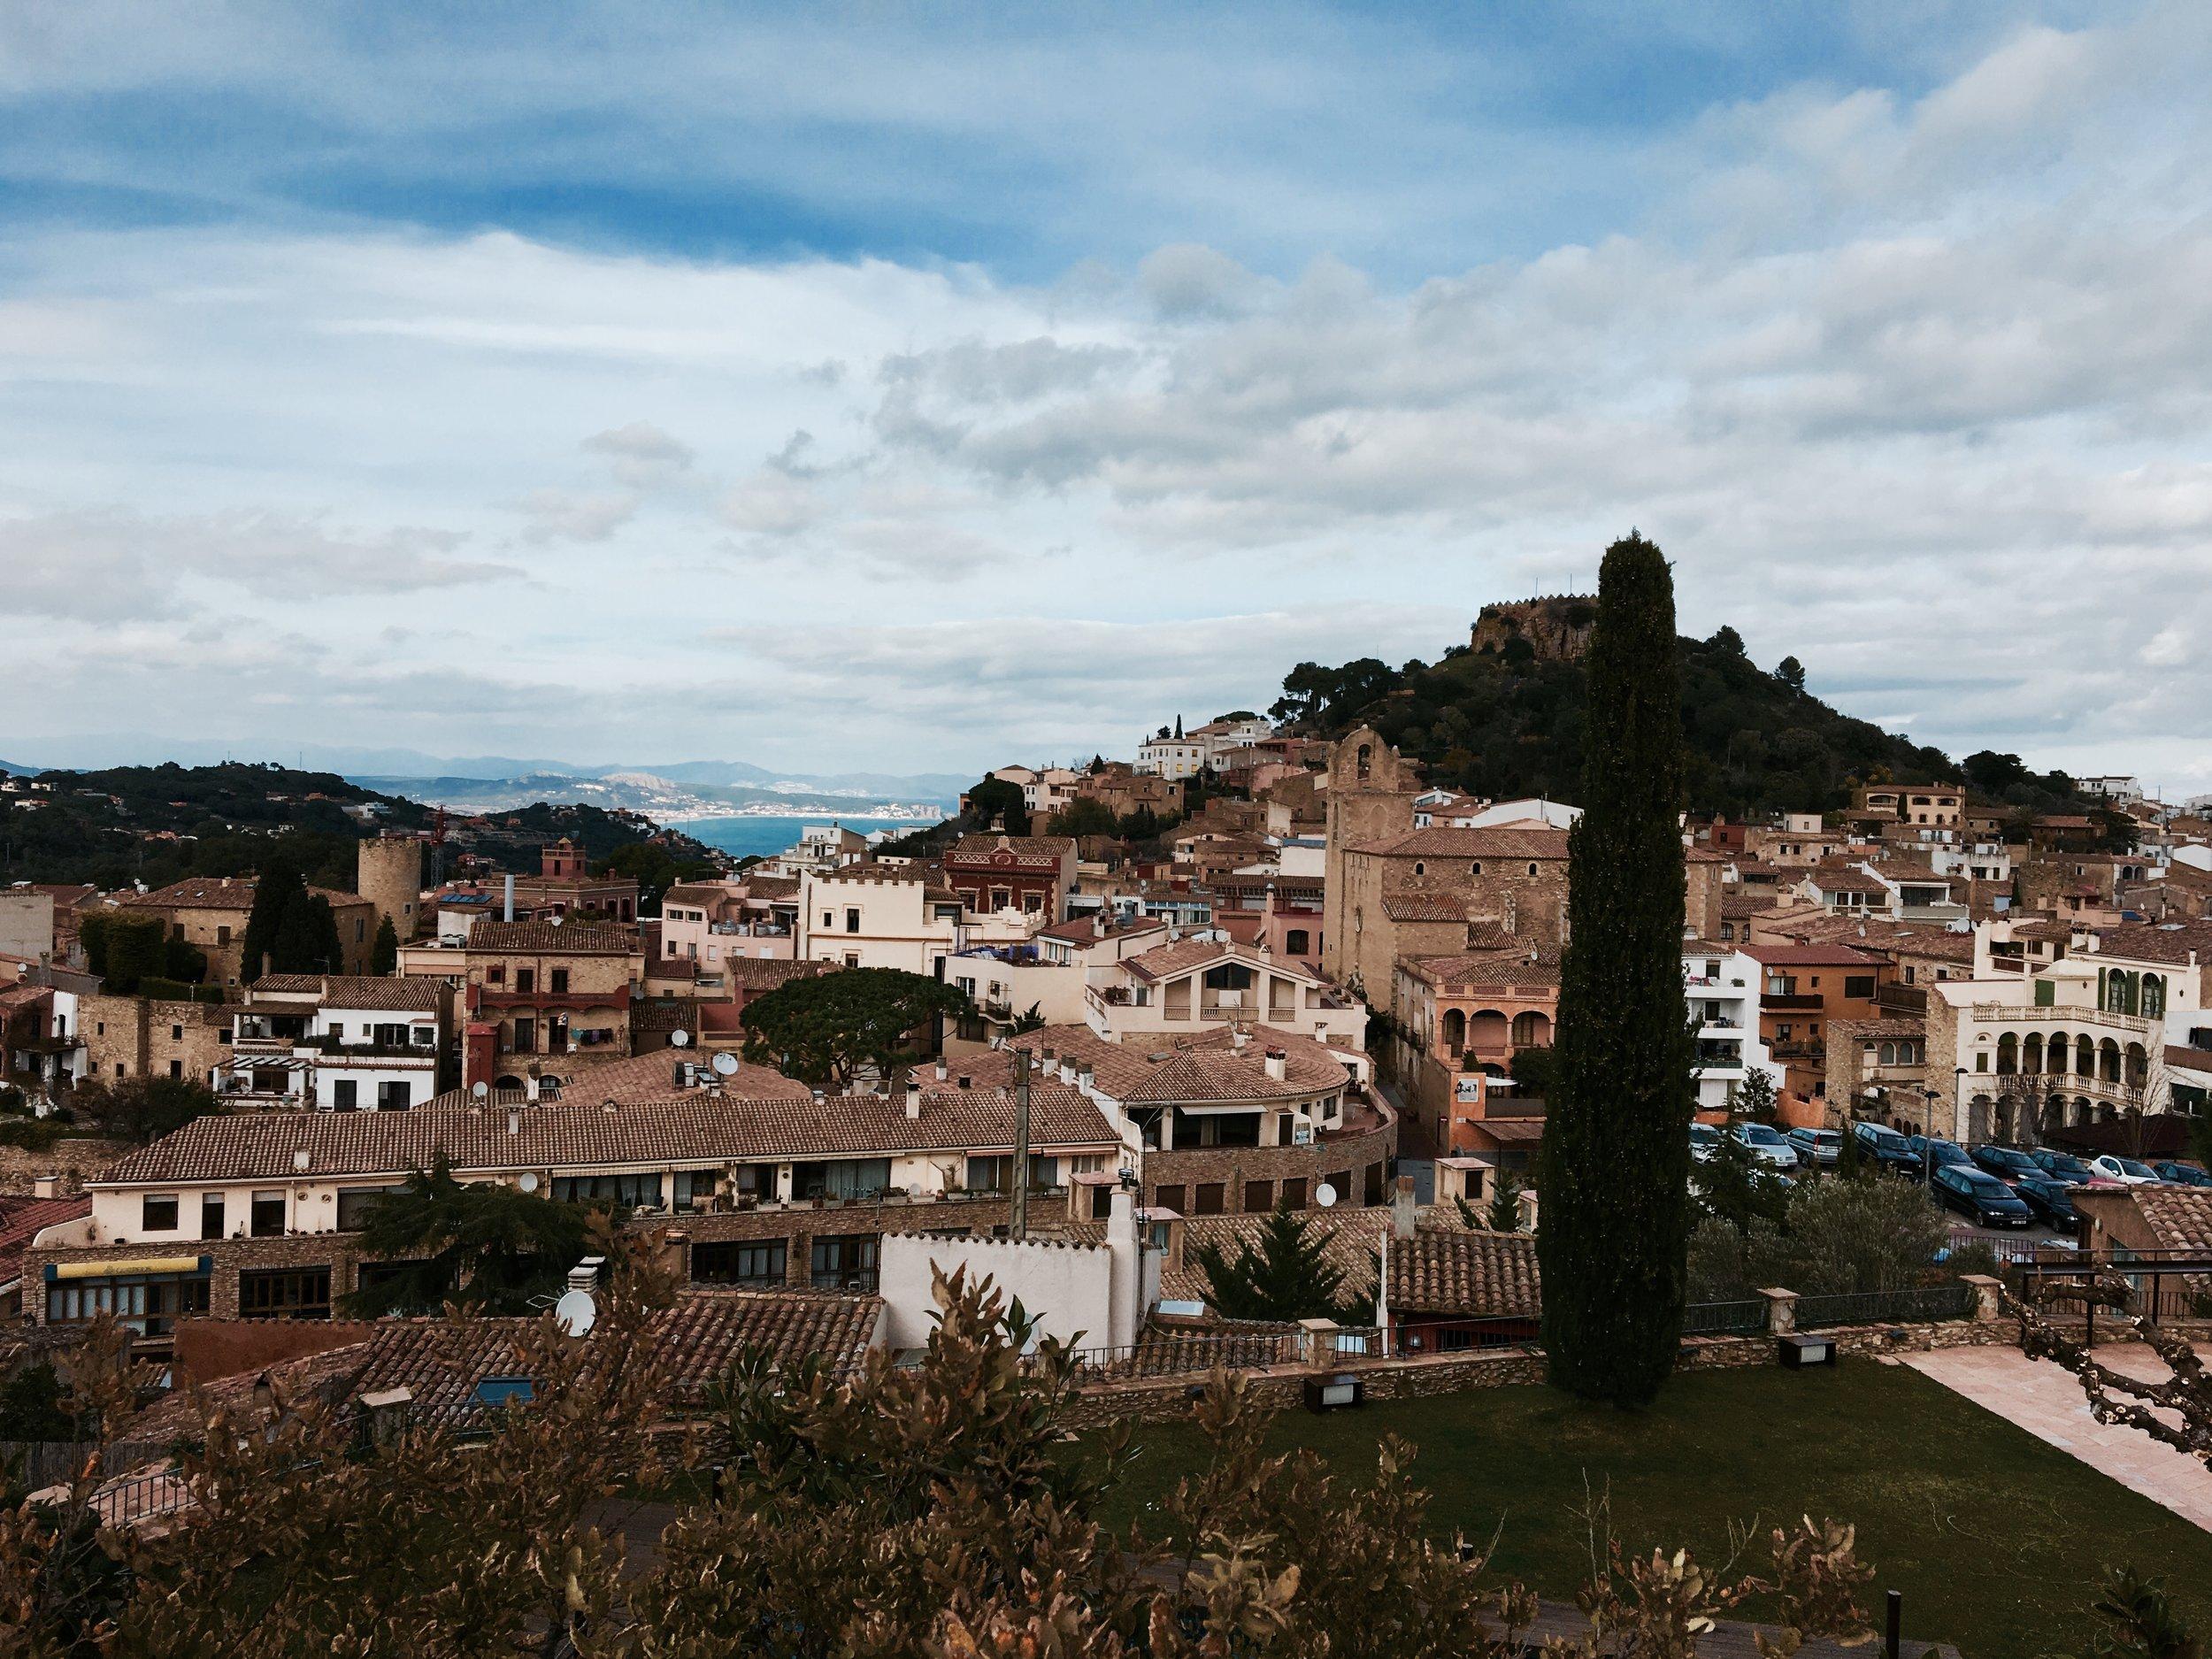 BEGUR - SPAIN | 10 February 2017